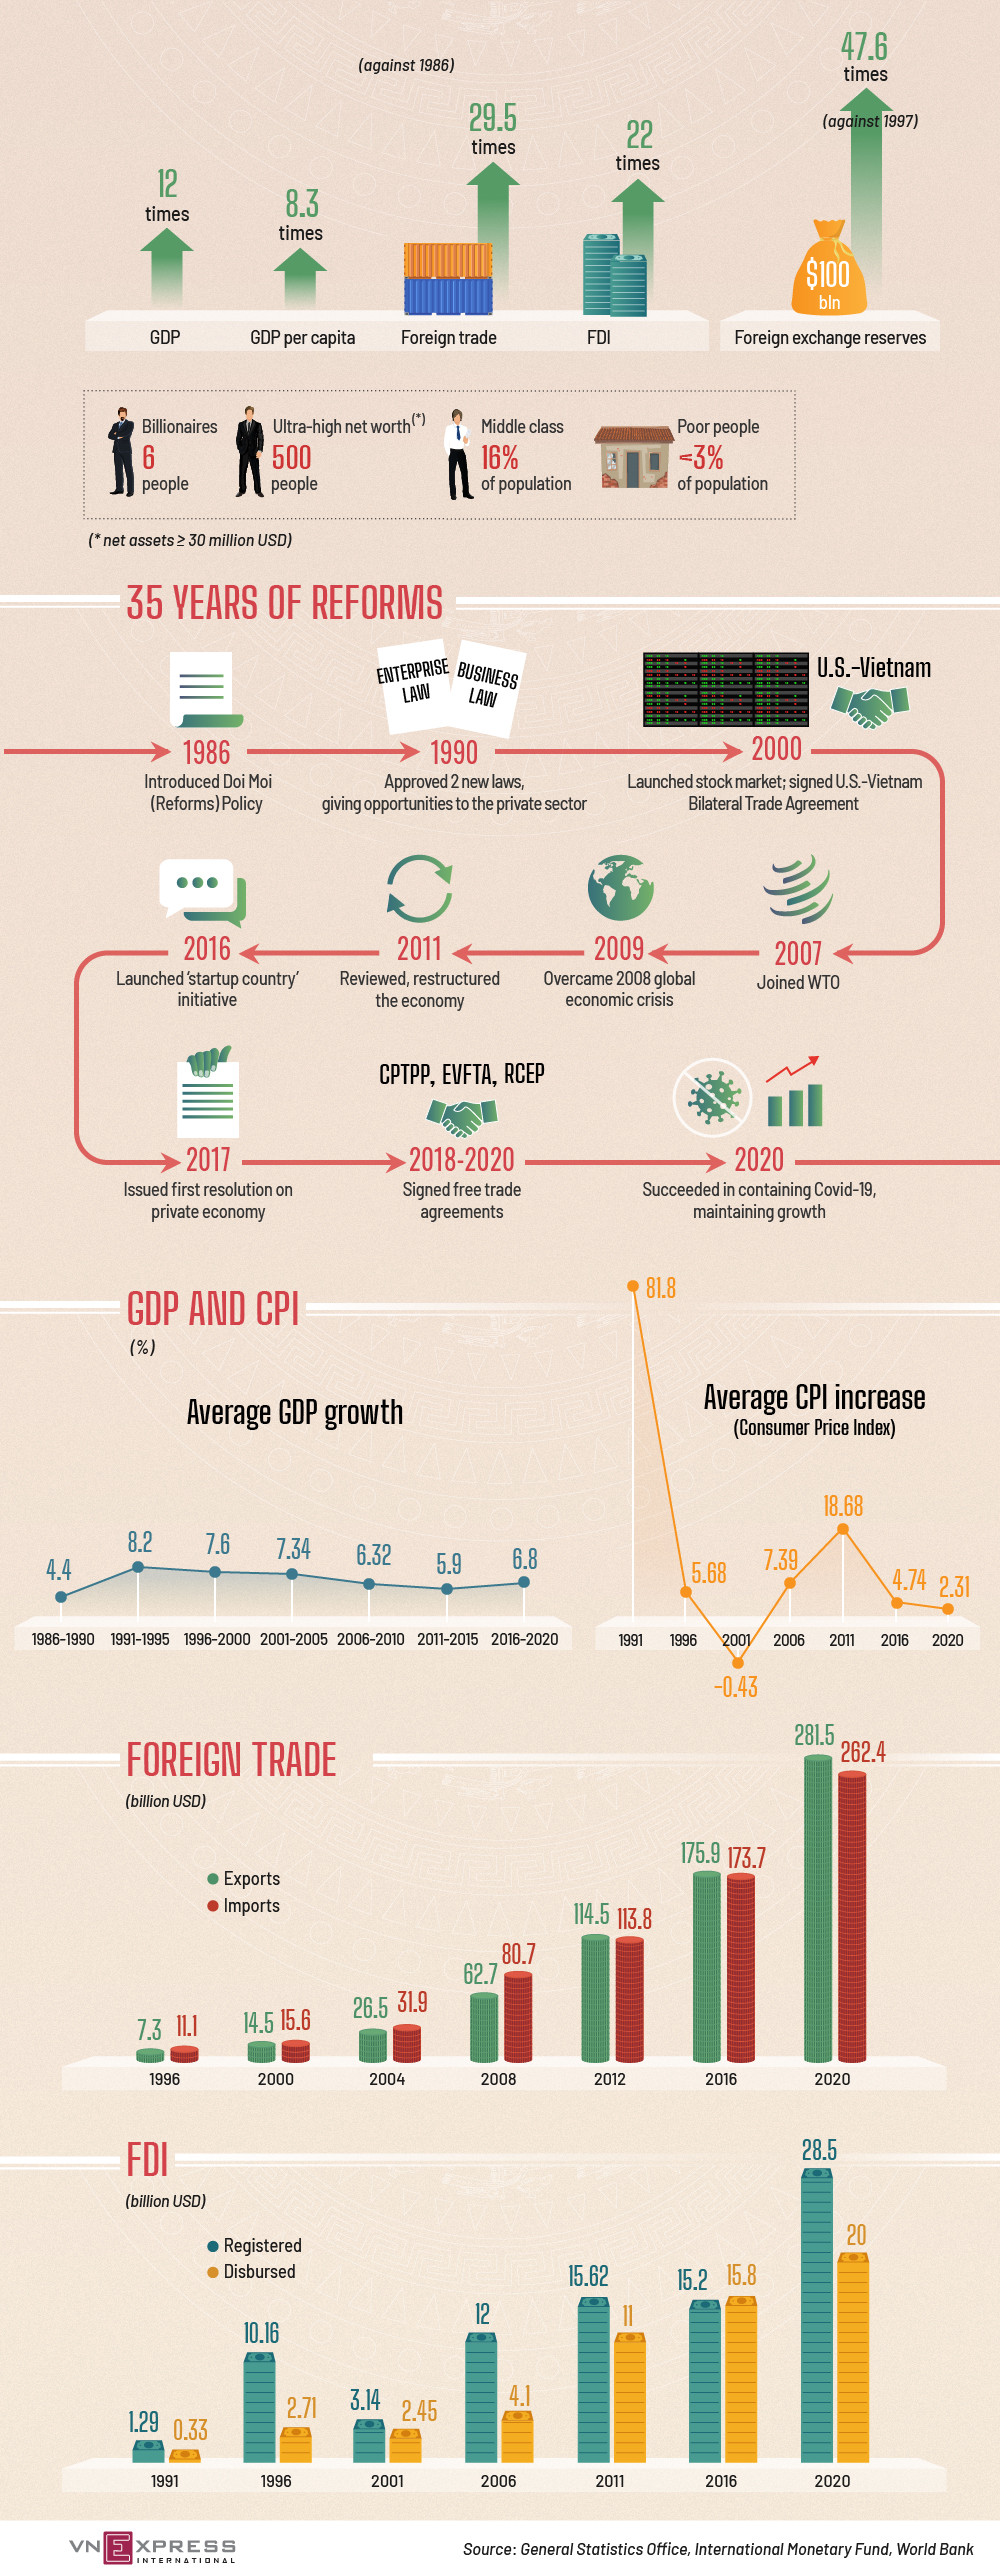 Trasformazione dell'economia vietnamita in 35 anni di riforme